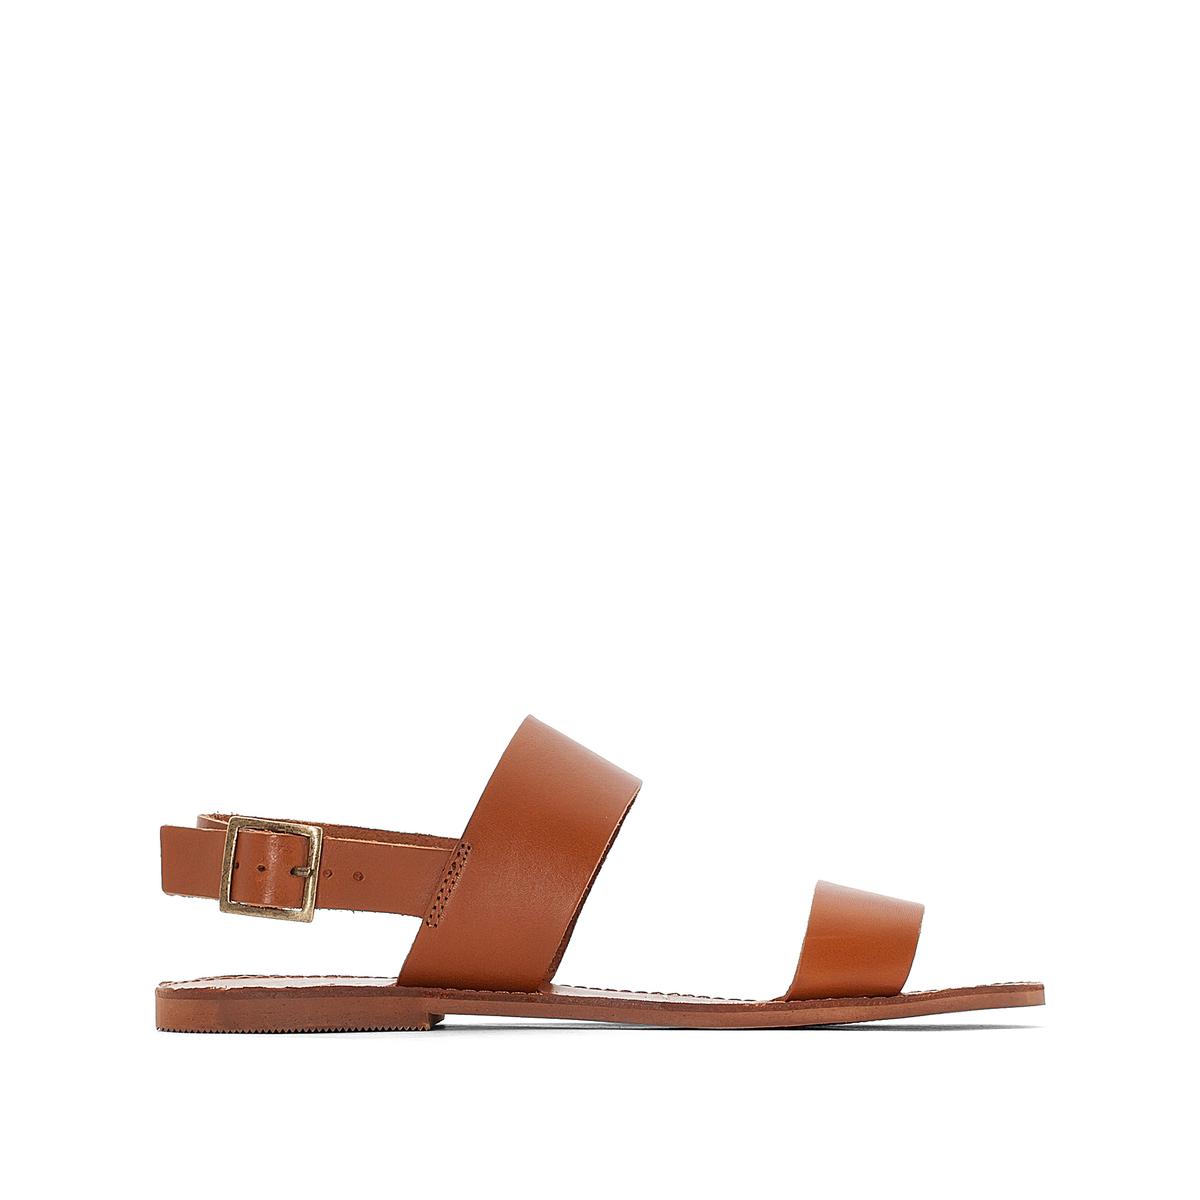 Босоножки кожаные AoudaВерх : кожа   Подкладка : кожа   Стелька : кожа   Подошва : эластомер   Форма каблука : плоский каблук   Мысок : закругленный мысок   Застежка : пряжка<br><br>Цвет: коньячный,черный<br>Размер: 36.36